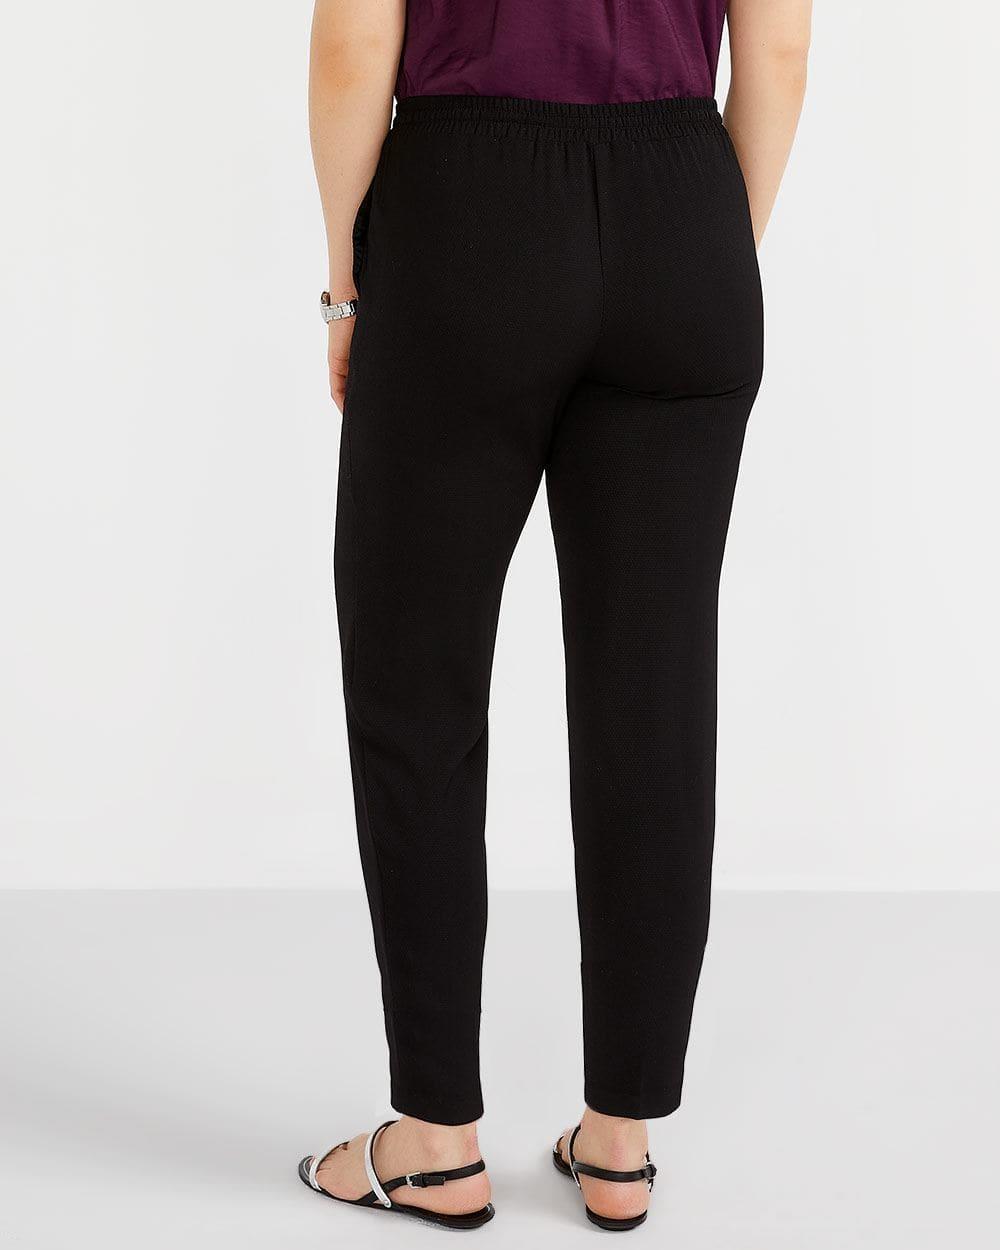 Petite Elastic Waist Pull-On Pant